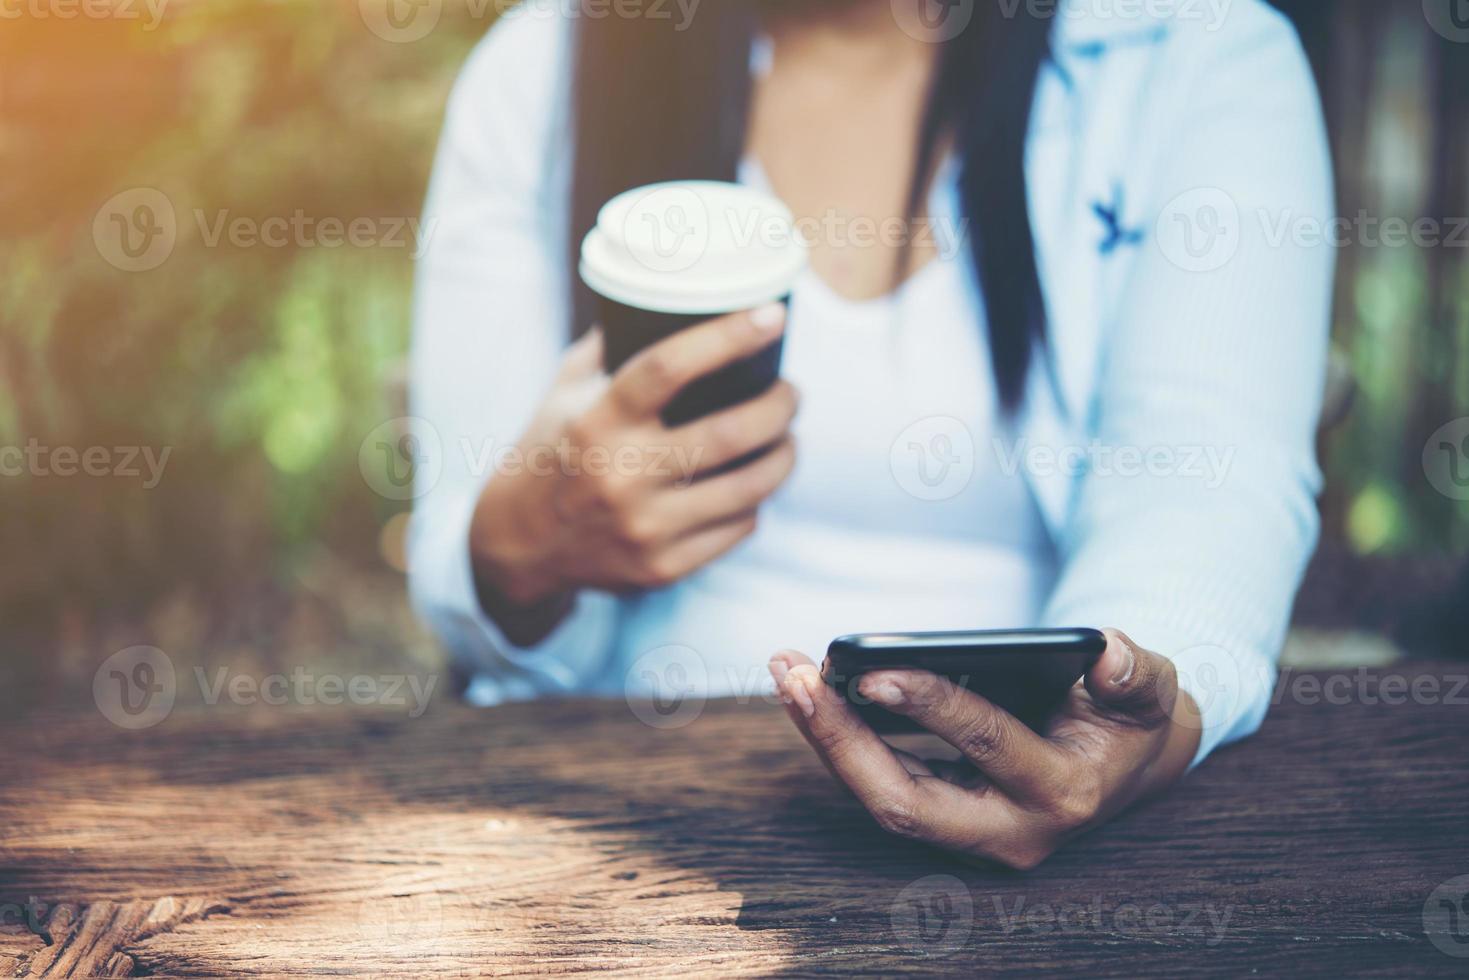 mano de mujer sosteniendo un teléfono inteligente foto